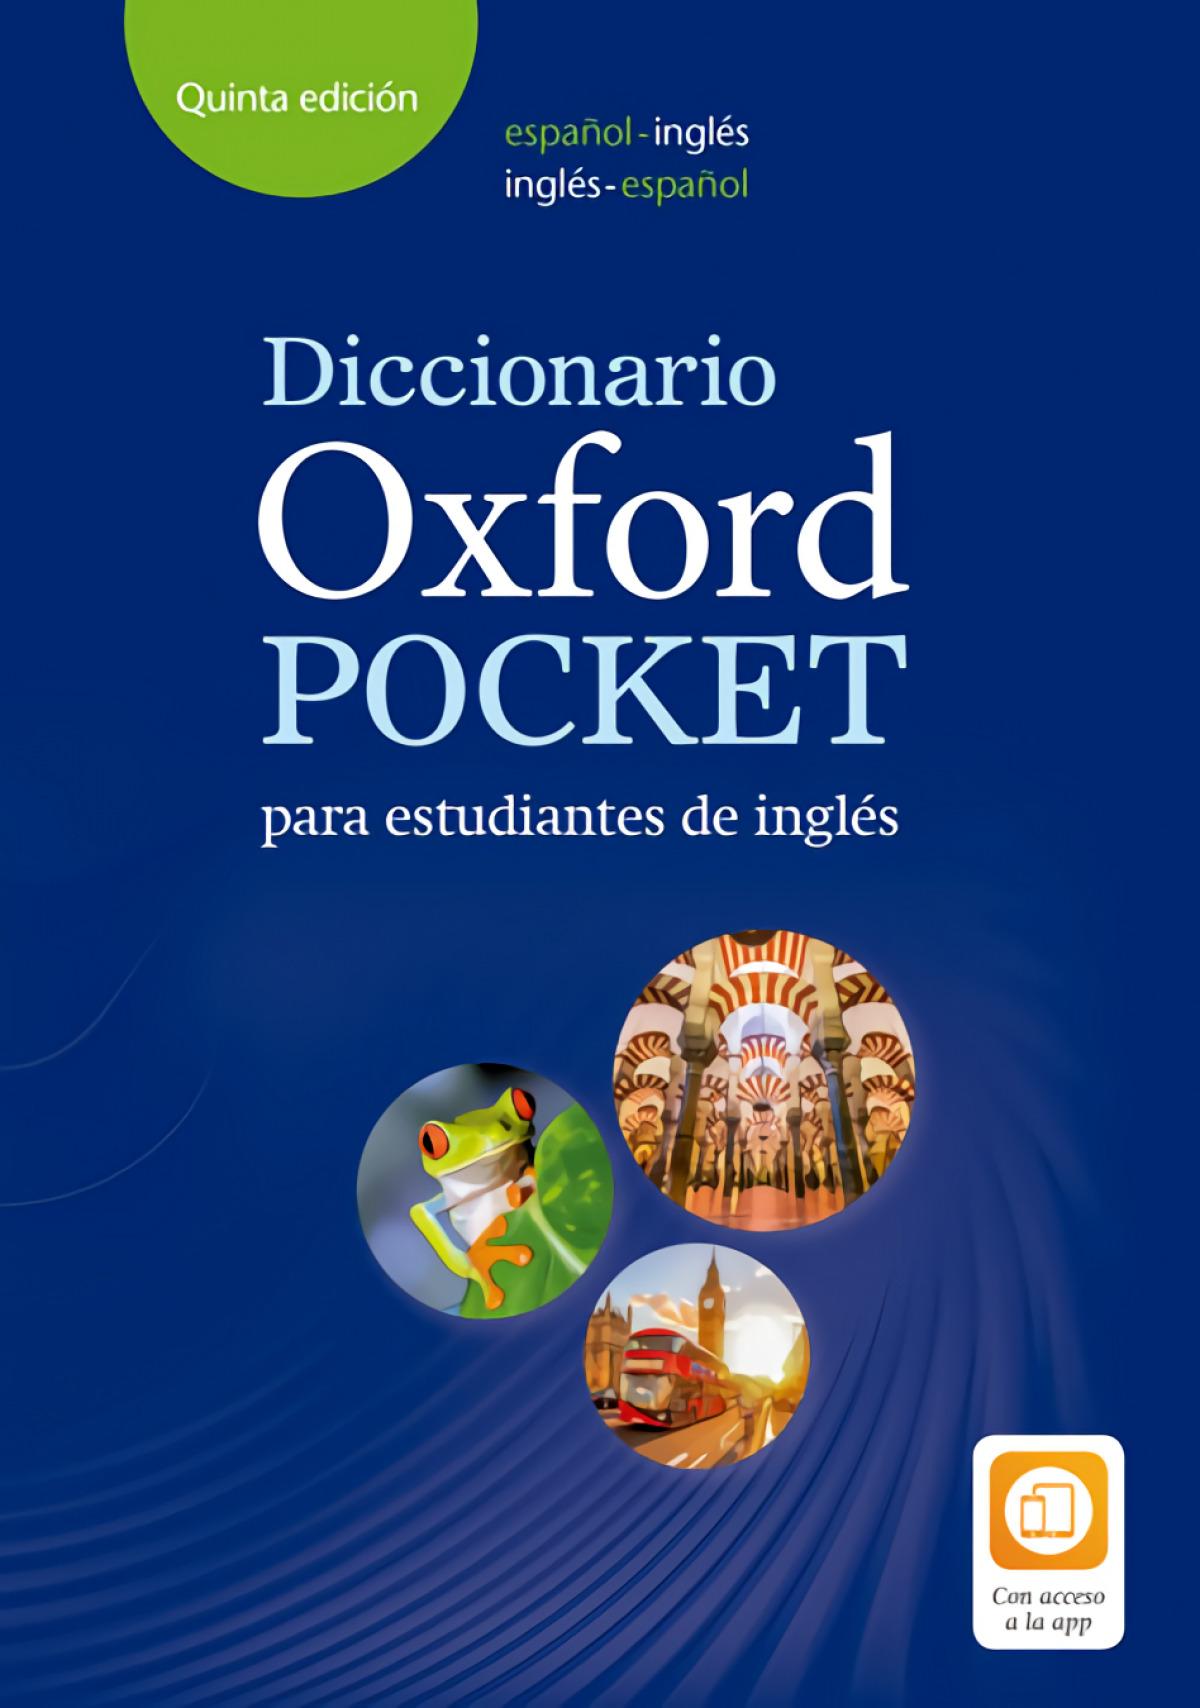 DICCIONARIO OXFORD POCKET BILINGUE ESPAñOL-INLES VV 5A EDICION 9780194211680